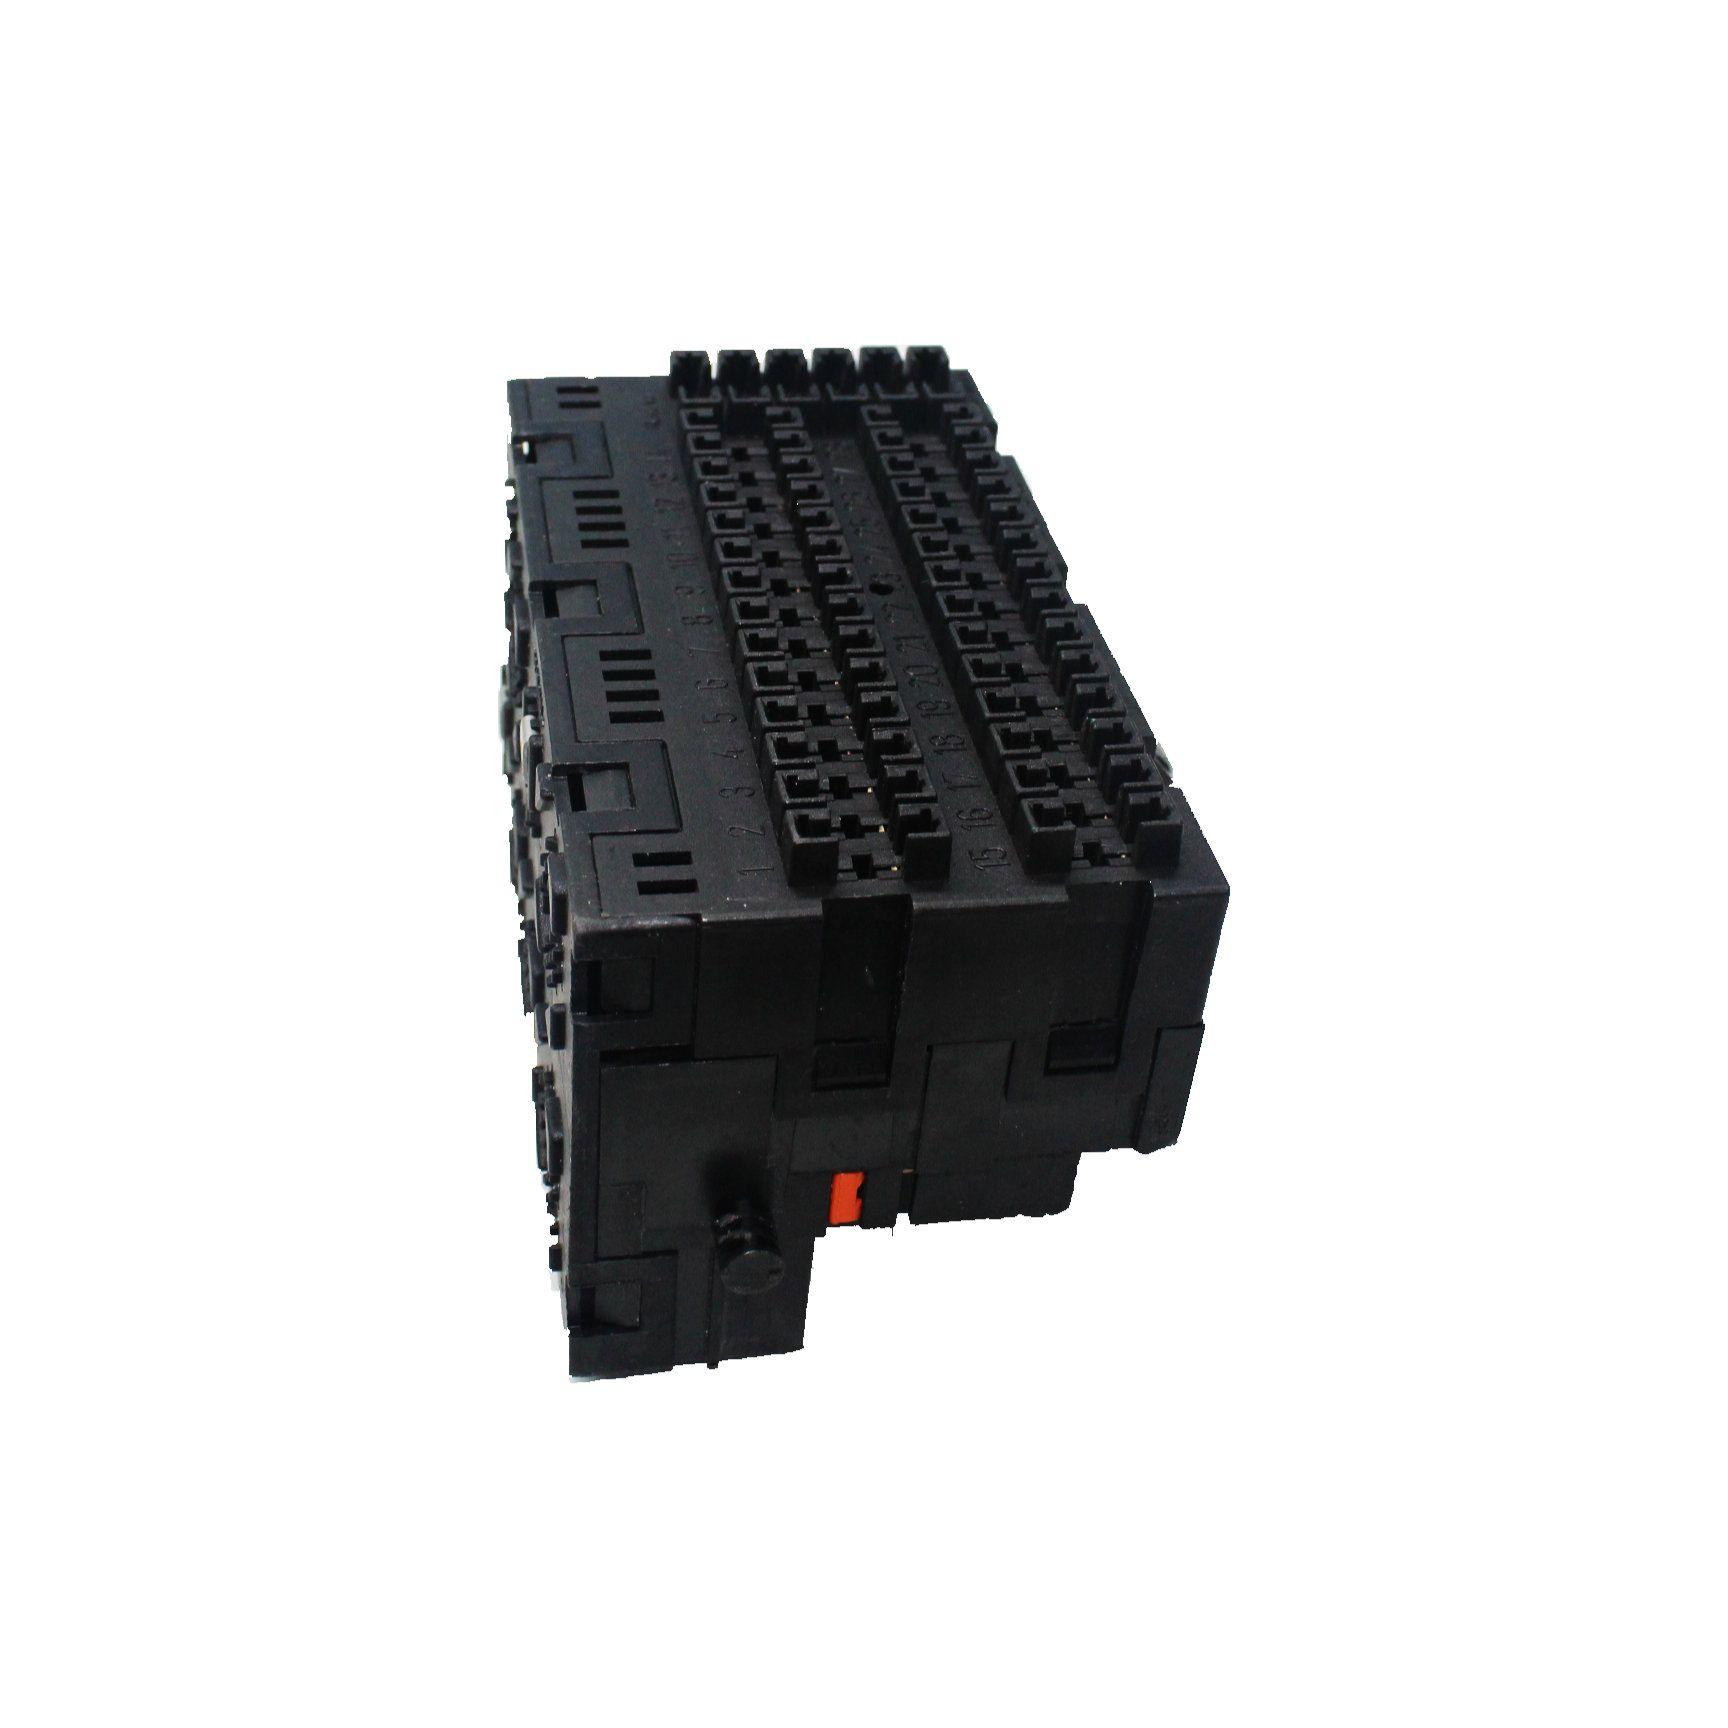 Caixa Fusivel Central Elétrica Gol, Parati Saveiro G3 - Usado